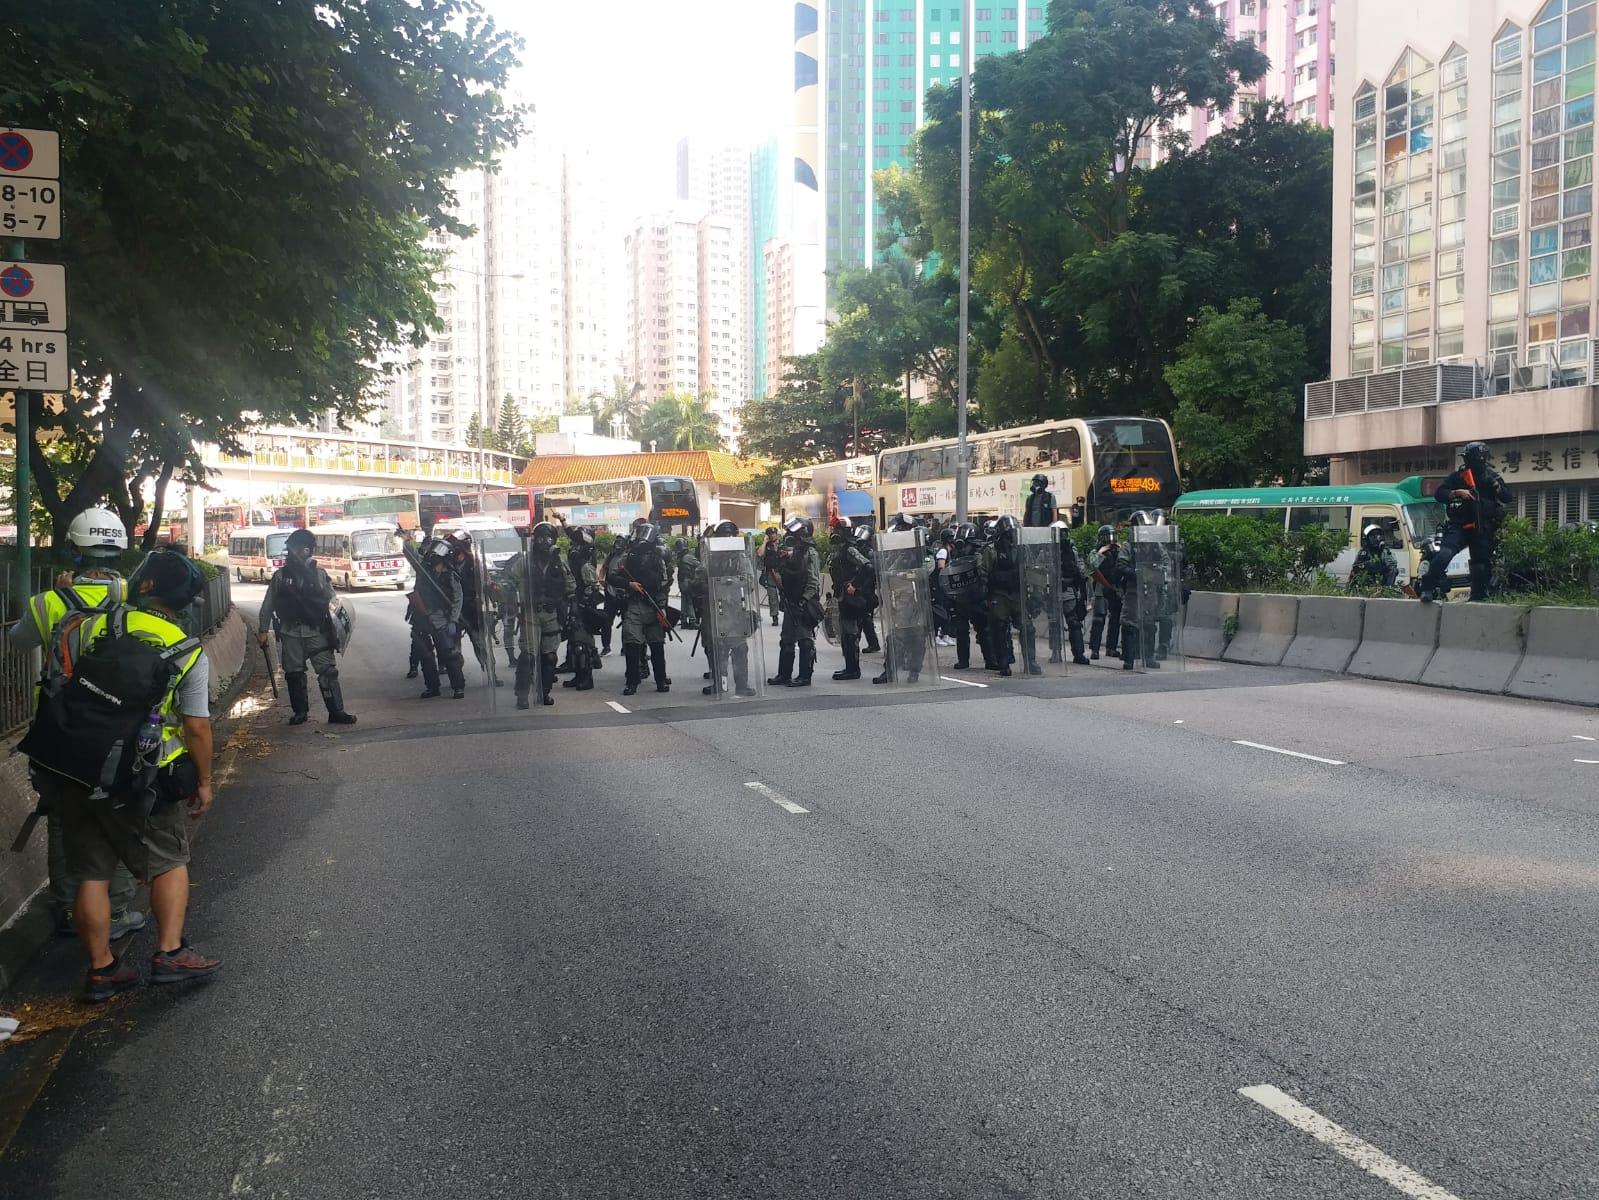 荃灣防暴警察驅散示威者